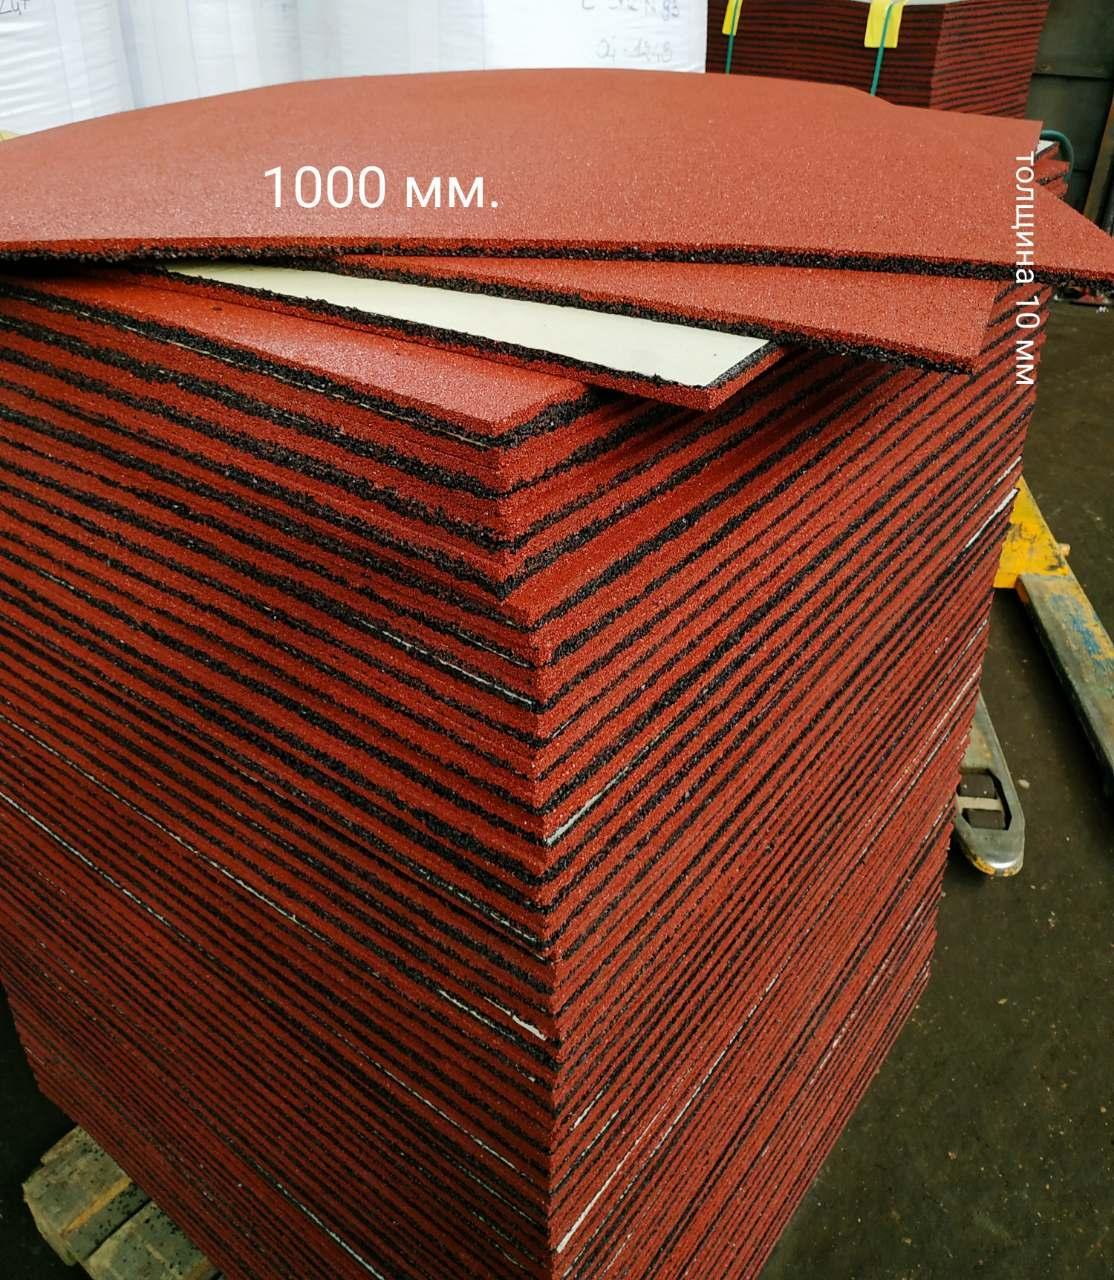 Резиновая полиуретановая уличная плитка 1000х1000 мм. Толщина 10 мм, фото 1